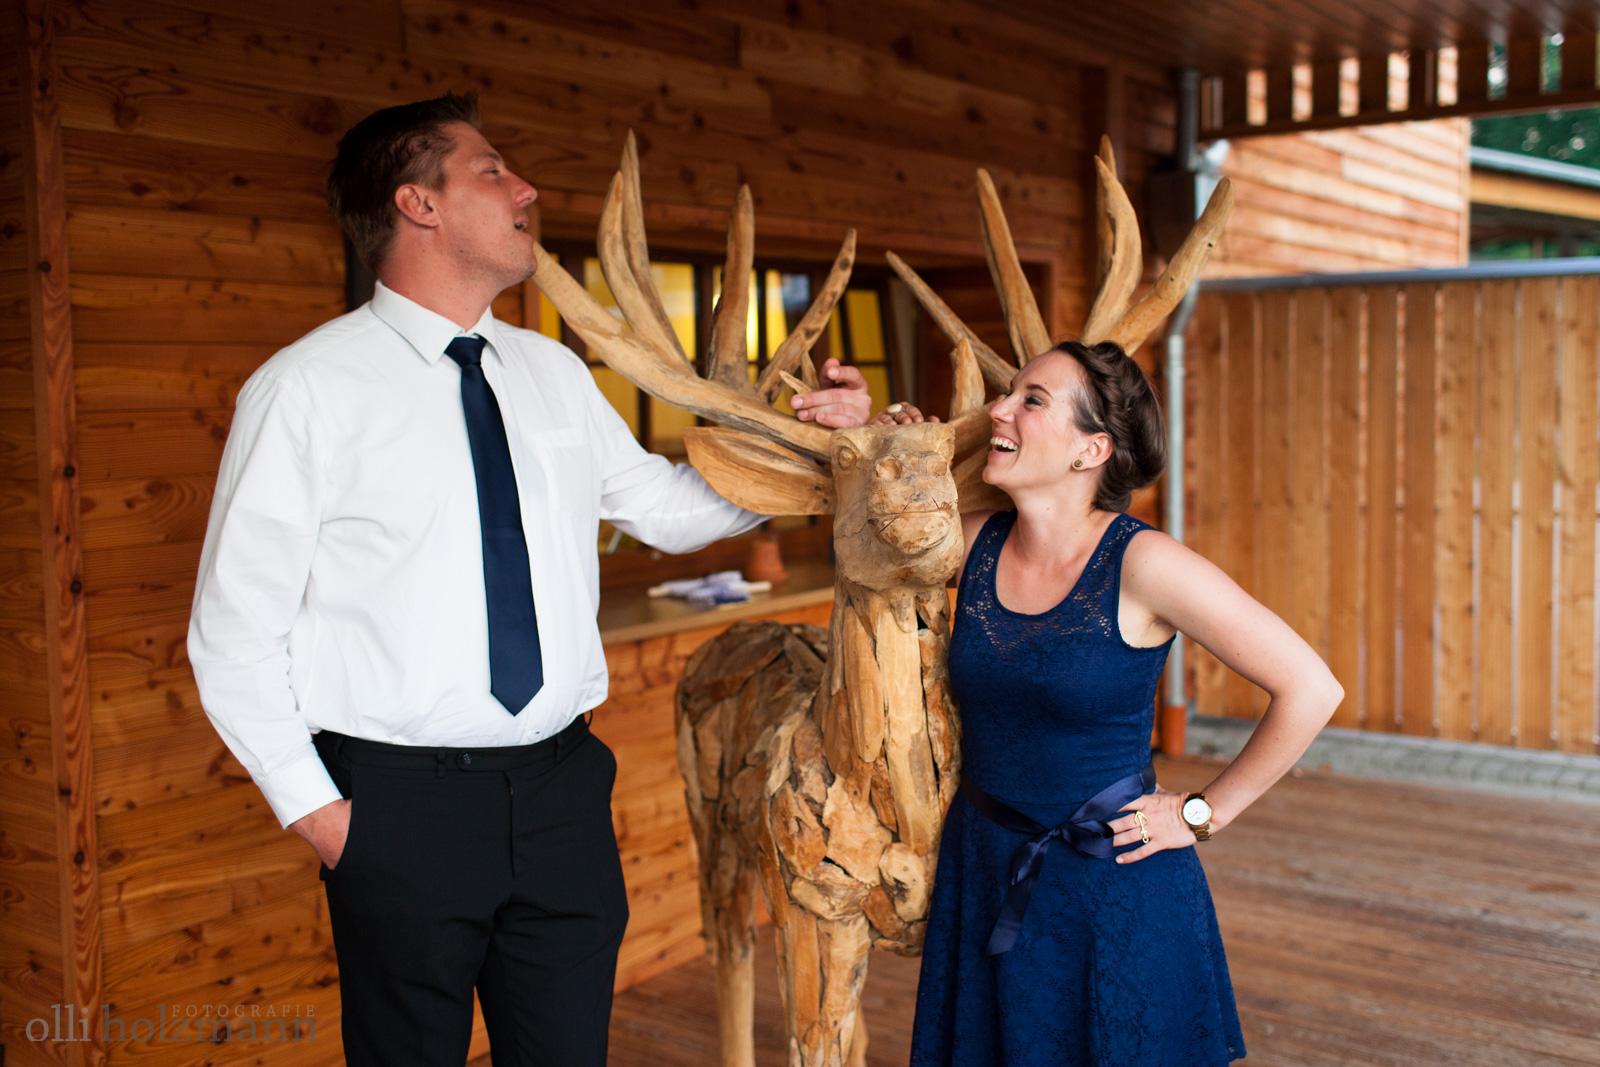 Hochzeitsfotograf_Sonsbeck-74.jpg